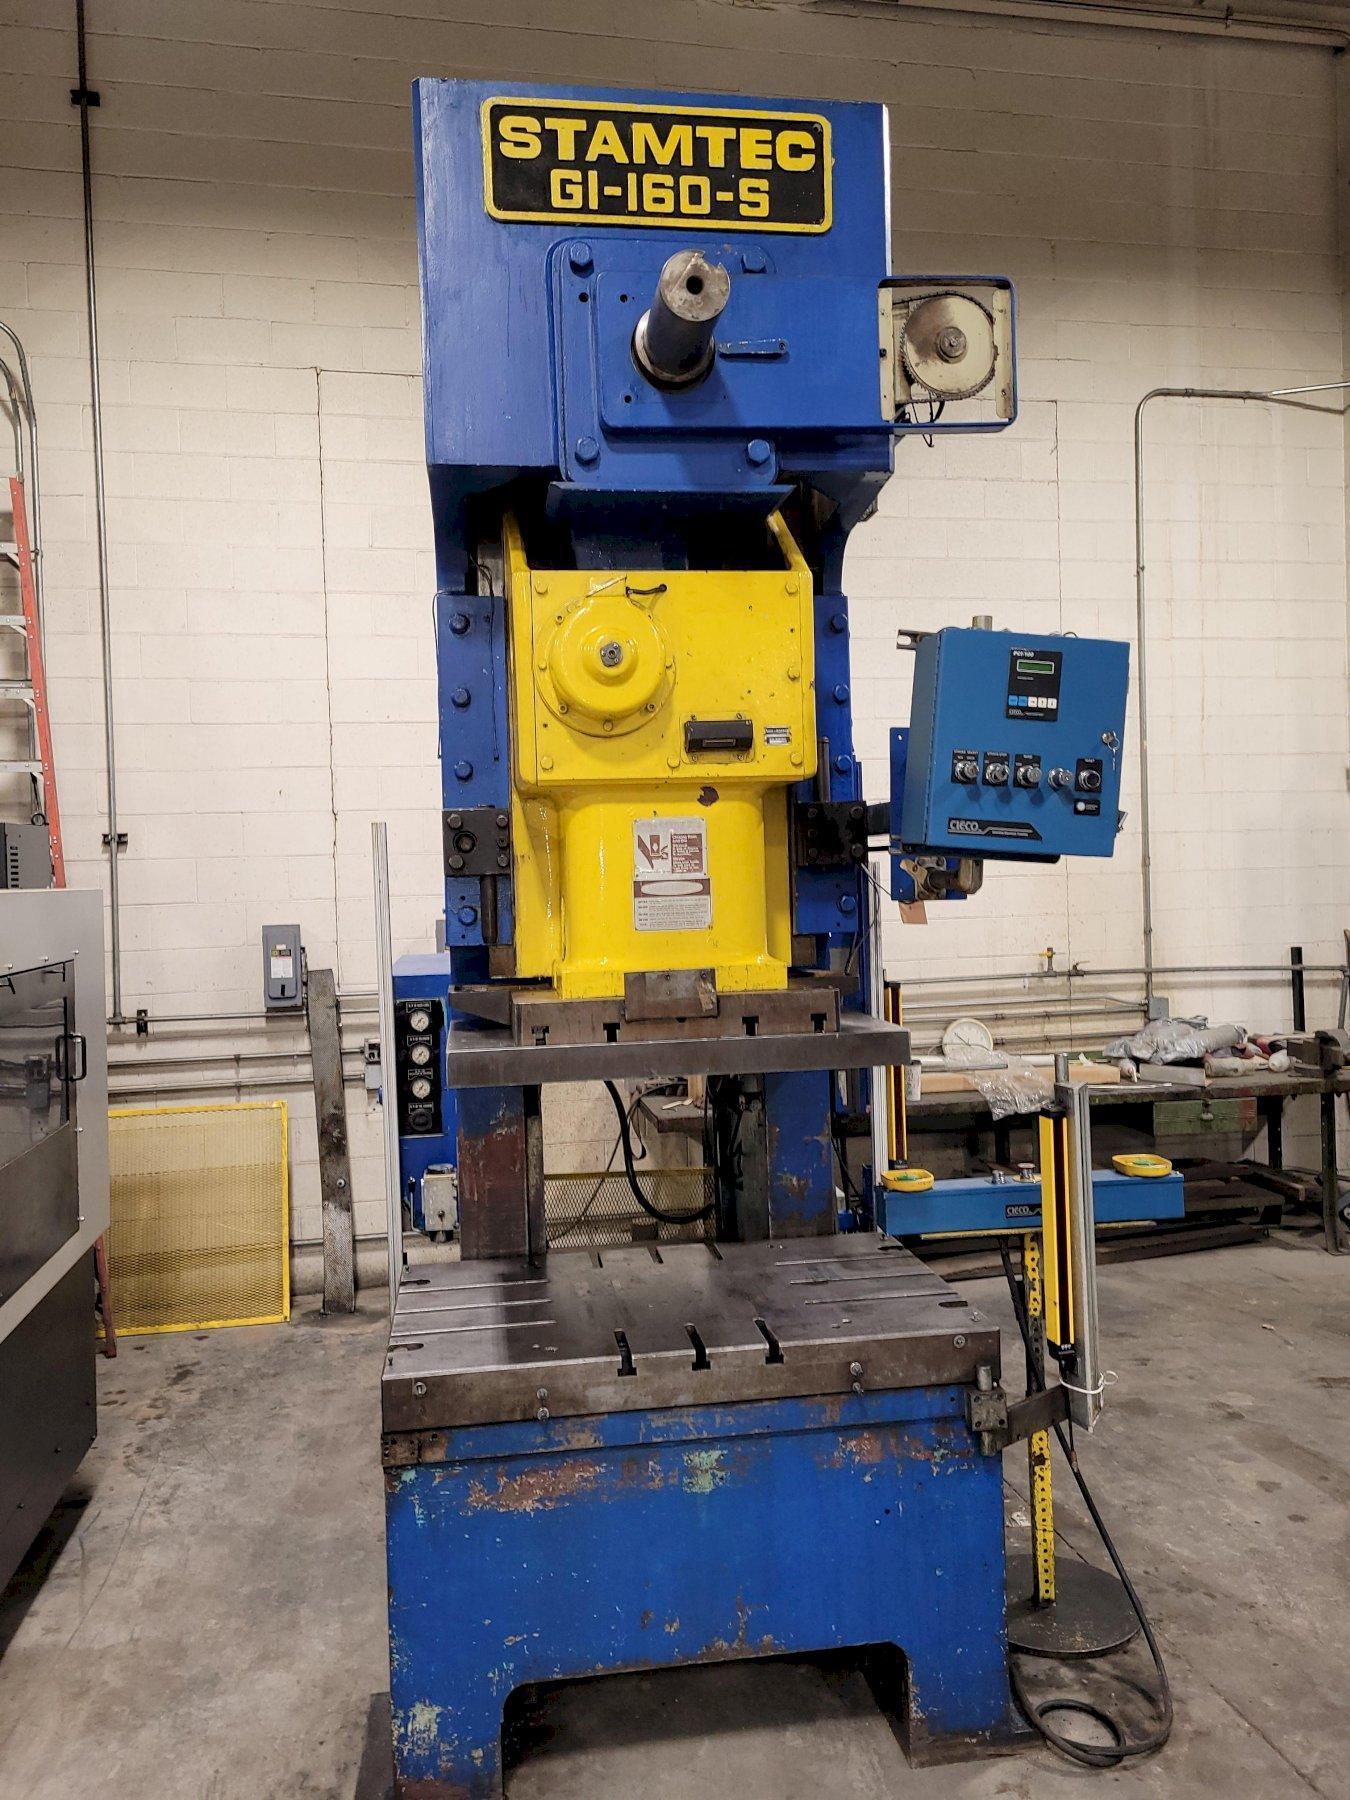 160 Ton Stamtec G1-160-S Gap Frame Punch Press